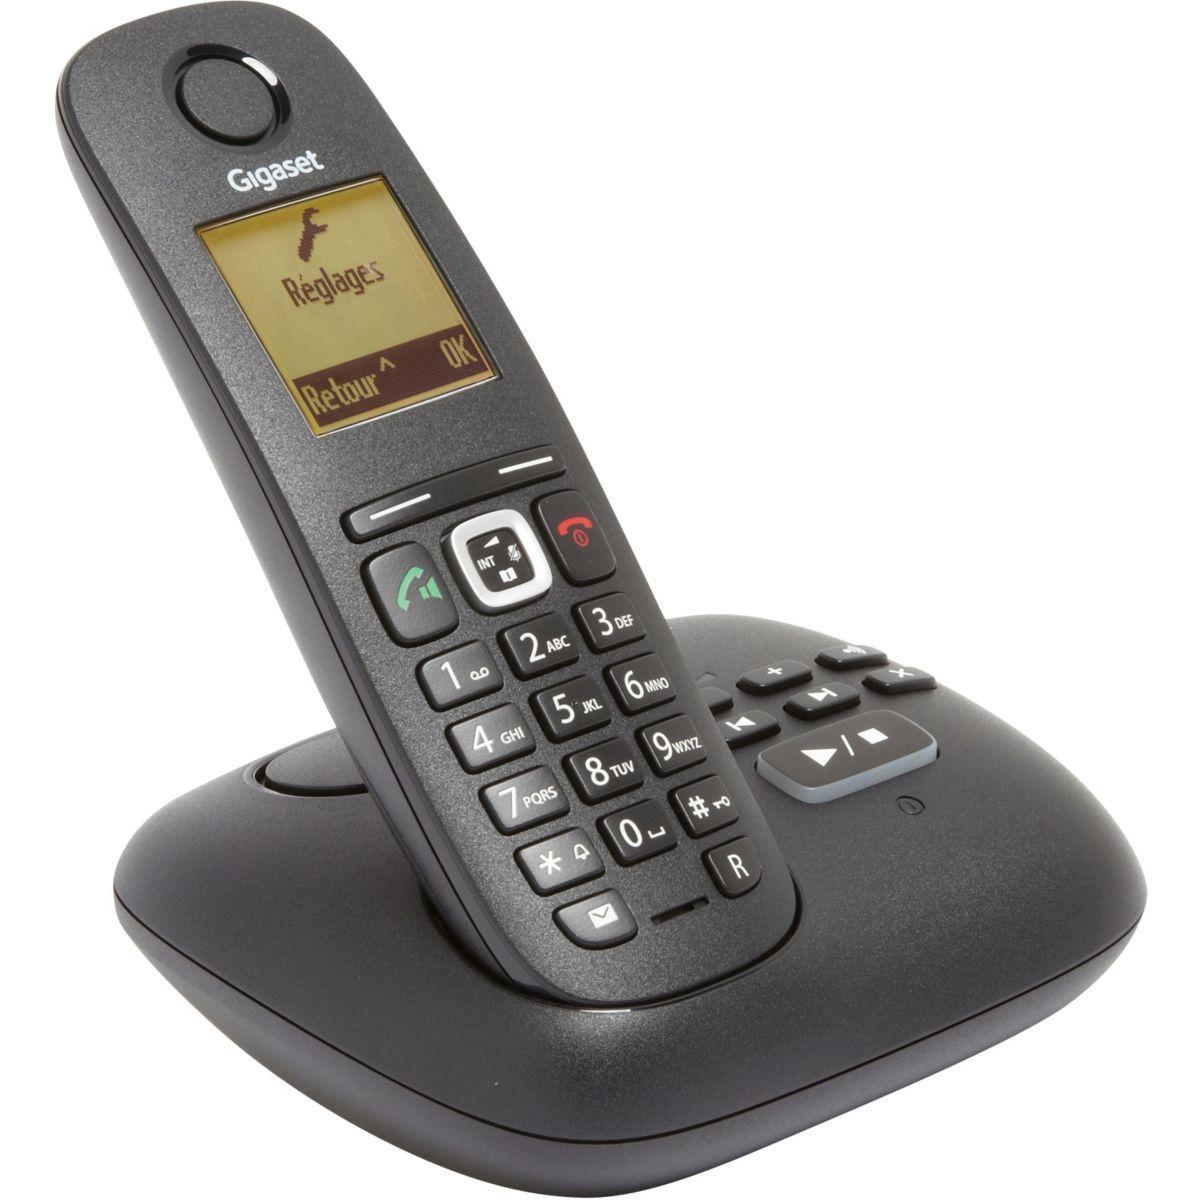 Téléphone répondeur sans fil gigaset a540a - livraison offerte avec le code livofferte (photo)